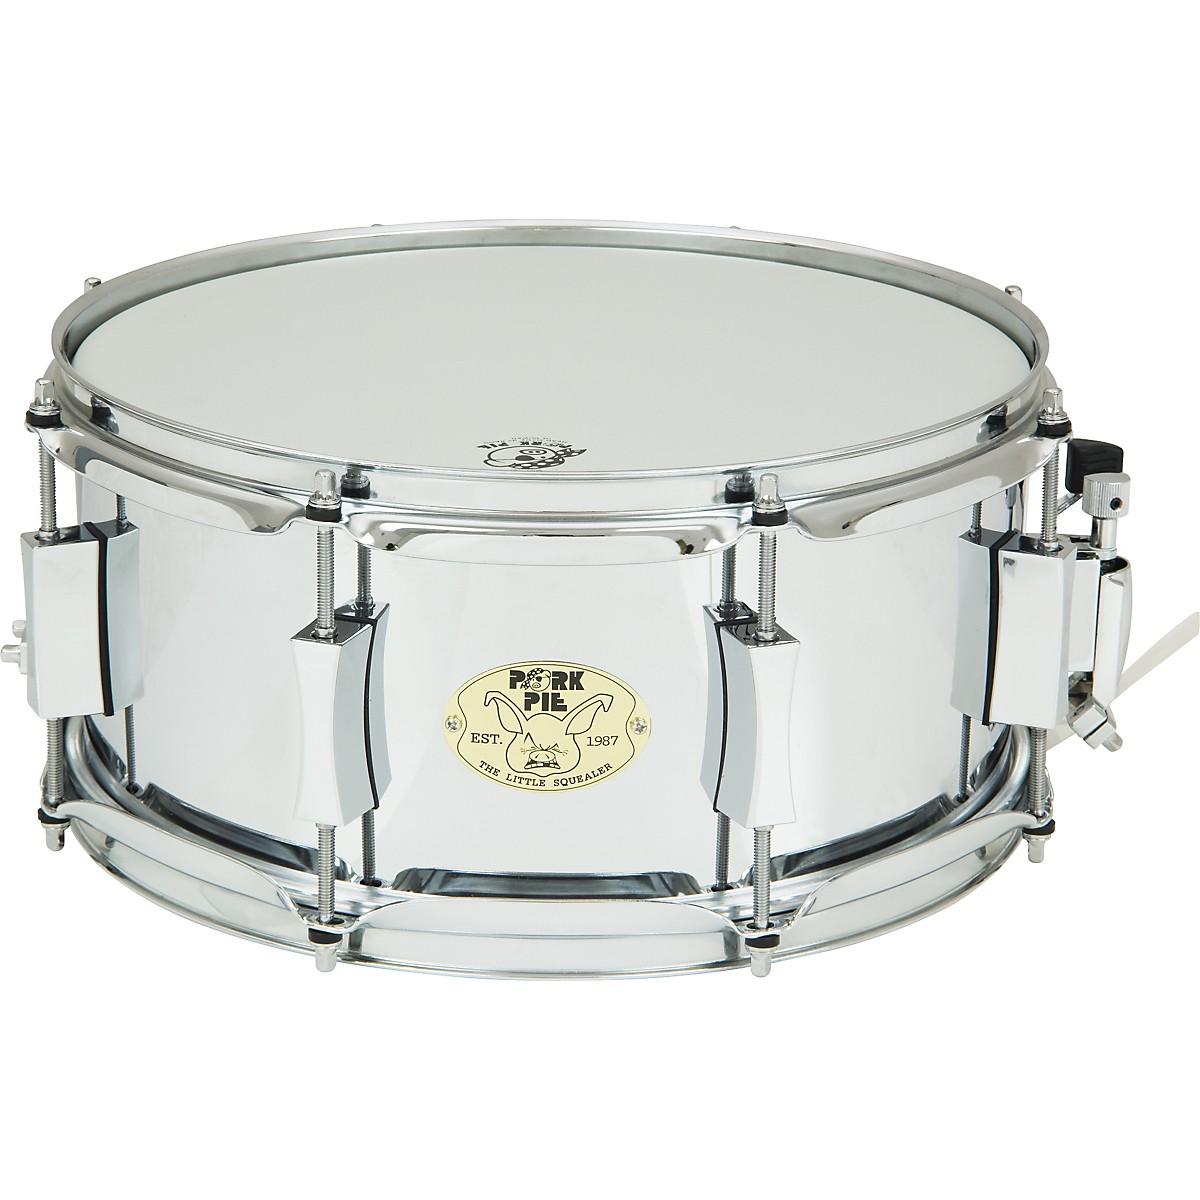 Pork Pie Little Squealer Steel Snare Drum